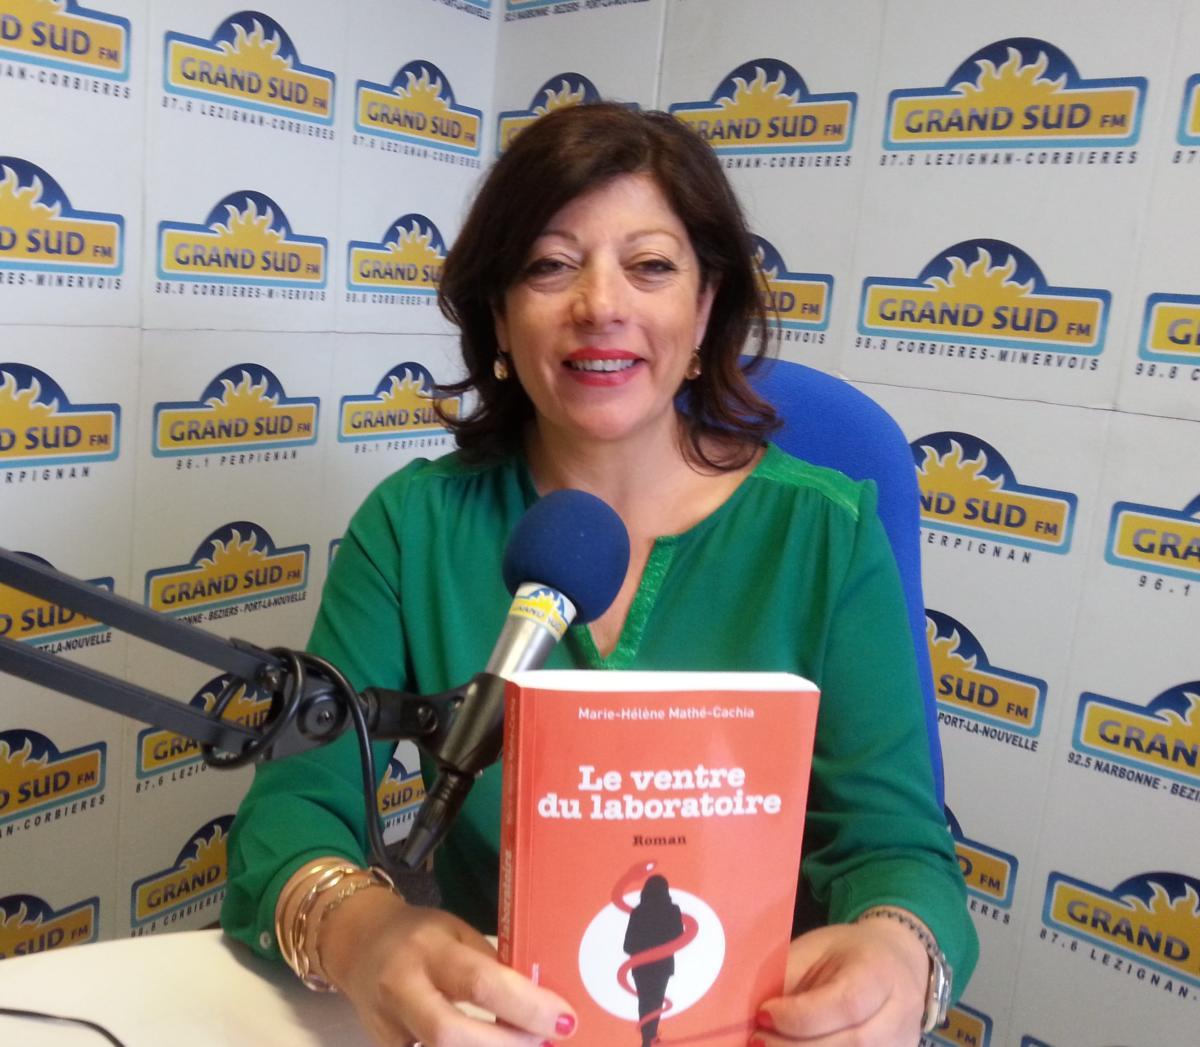 20-03-19 L'écrivaine Marie-Hélène MATHE-CACHIA